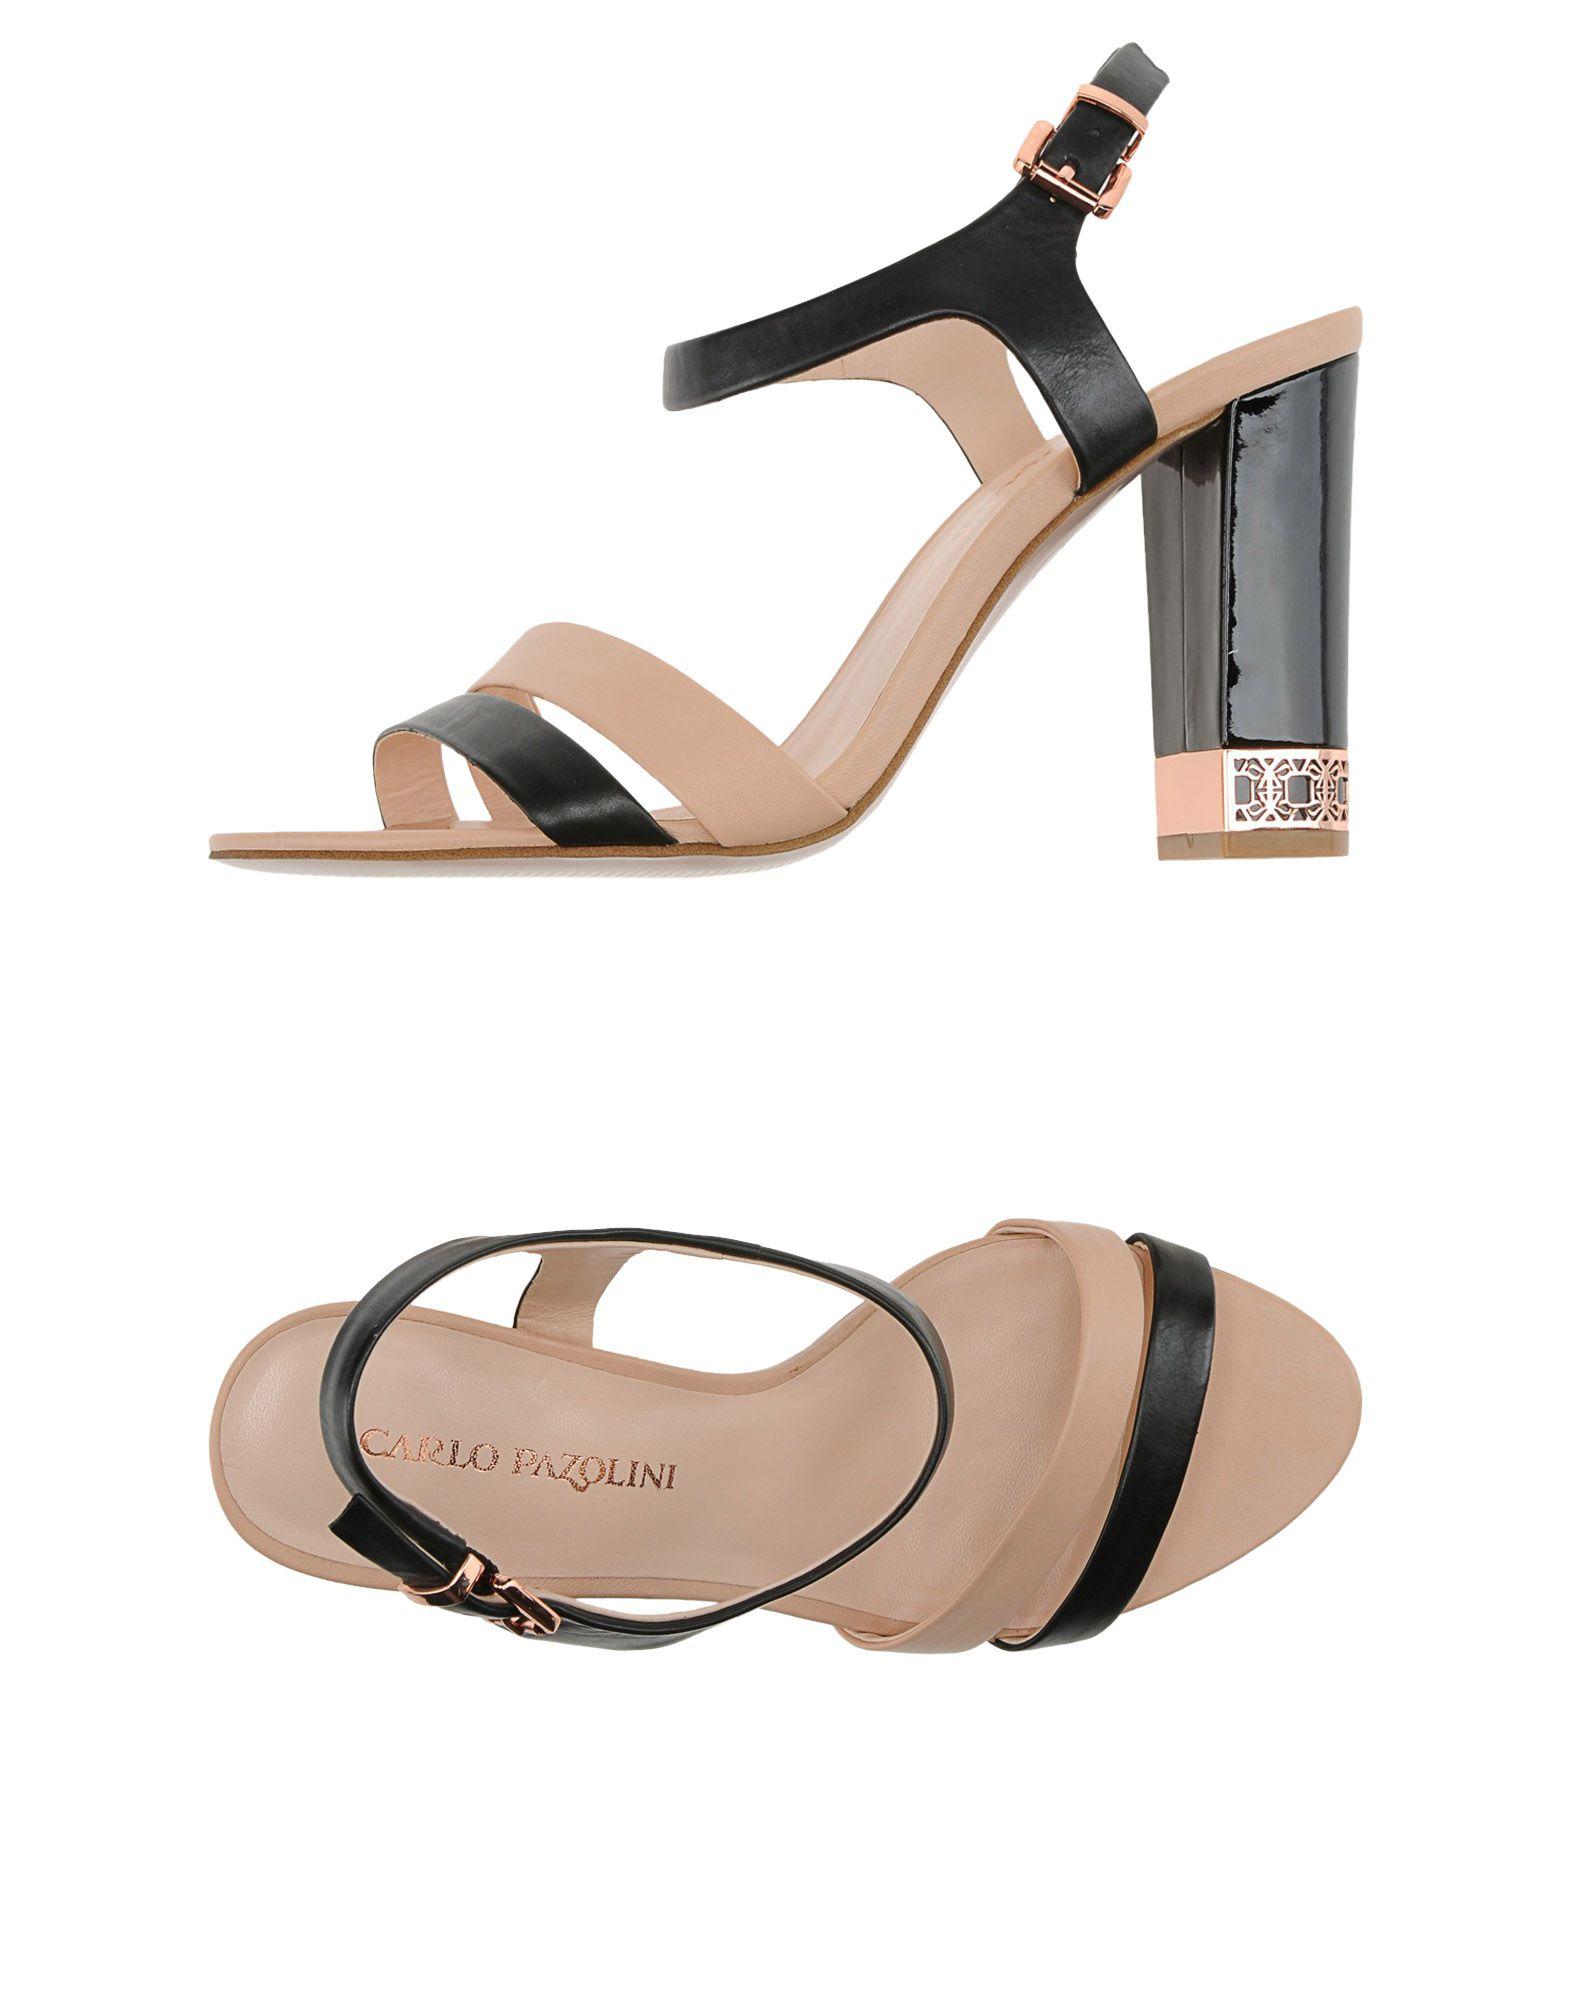 Carlo pazolini Sandals in Black | Lyst